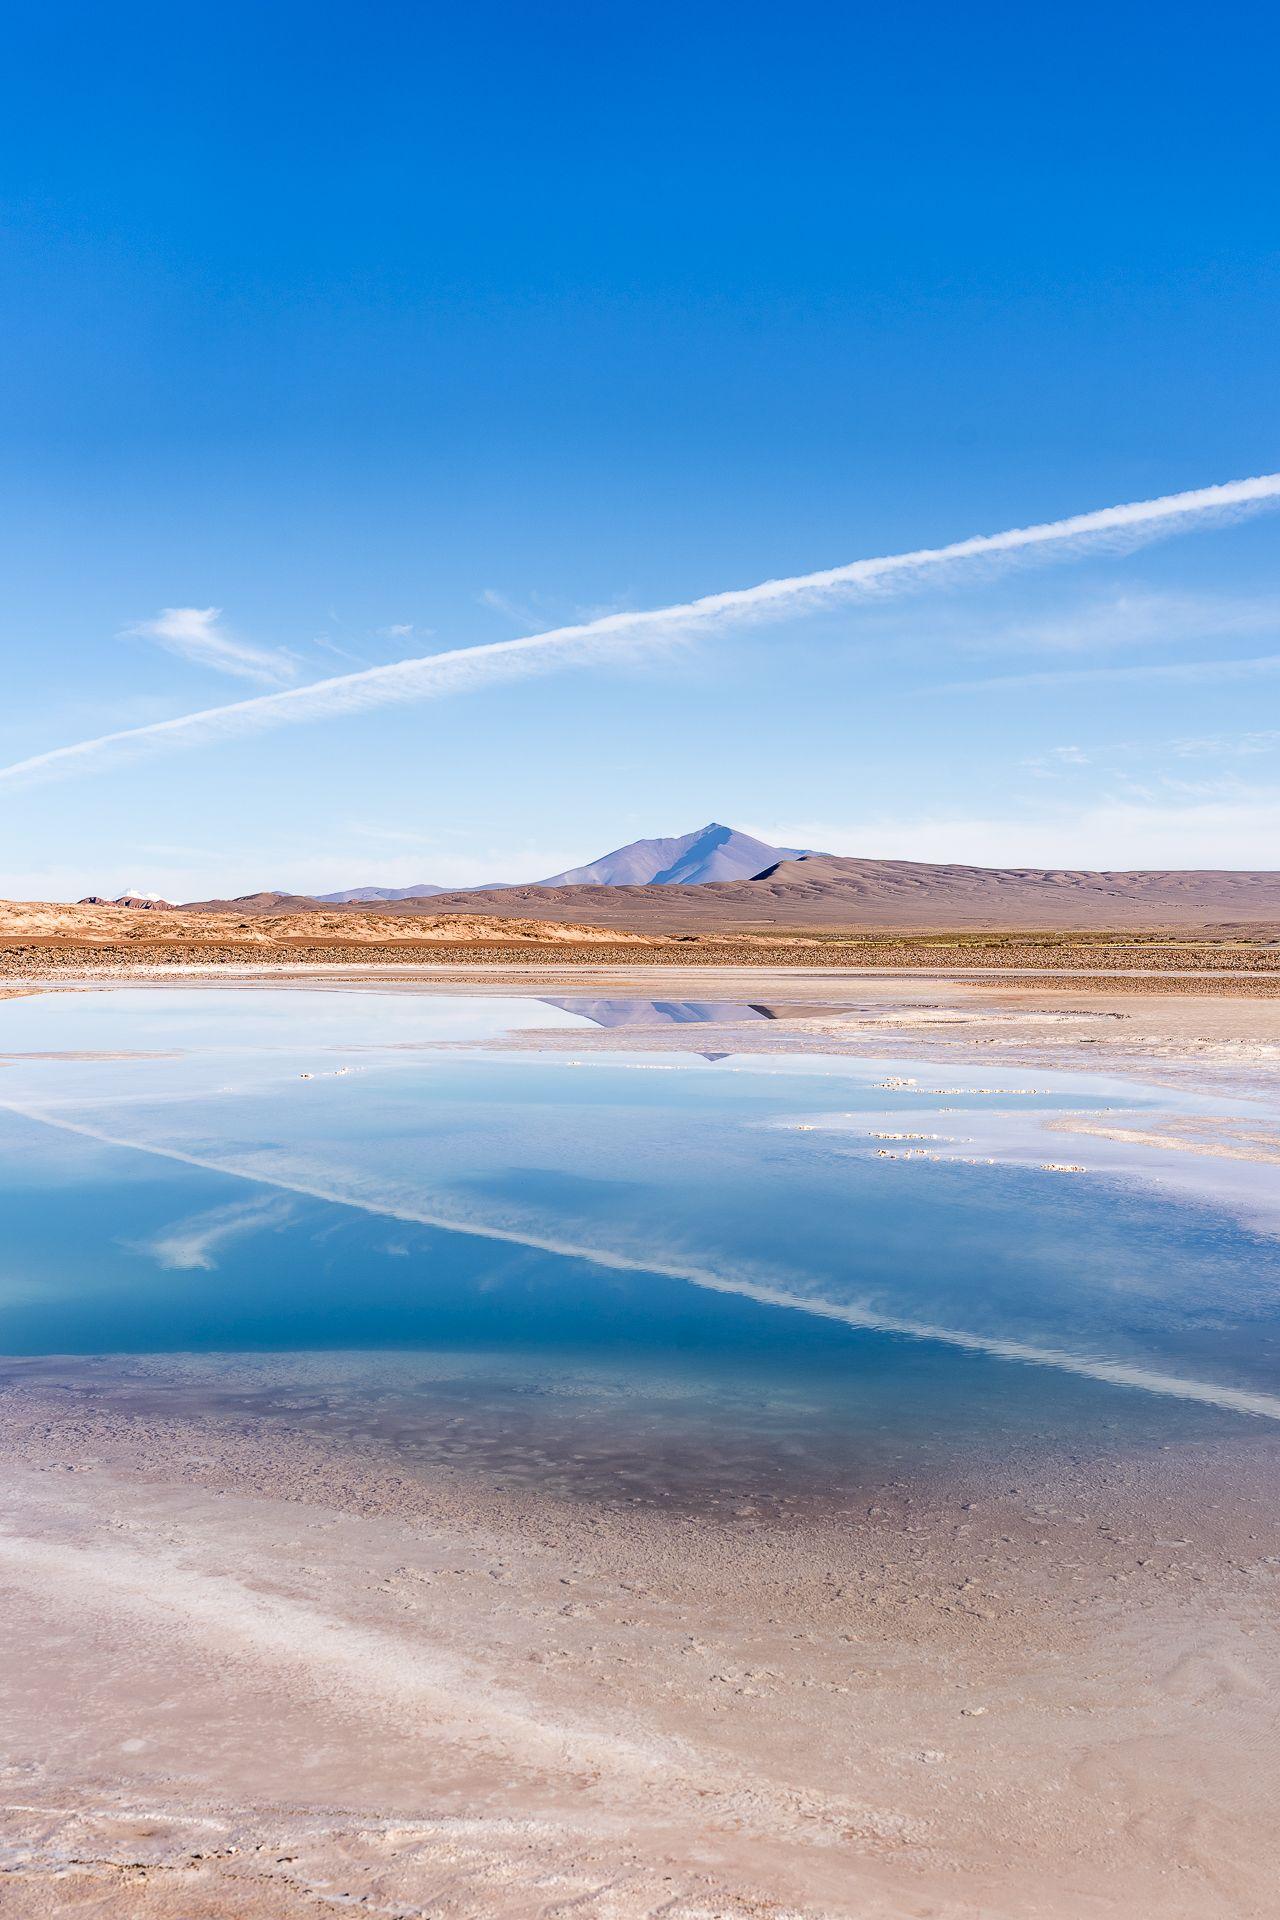 Faszination Puna Toller Roadtrip Durch Argentiniens Nordwesten Sudamerika Reisen Entdeckungsreise